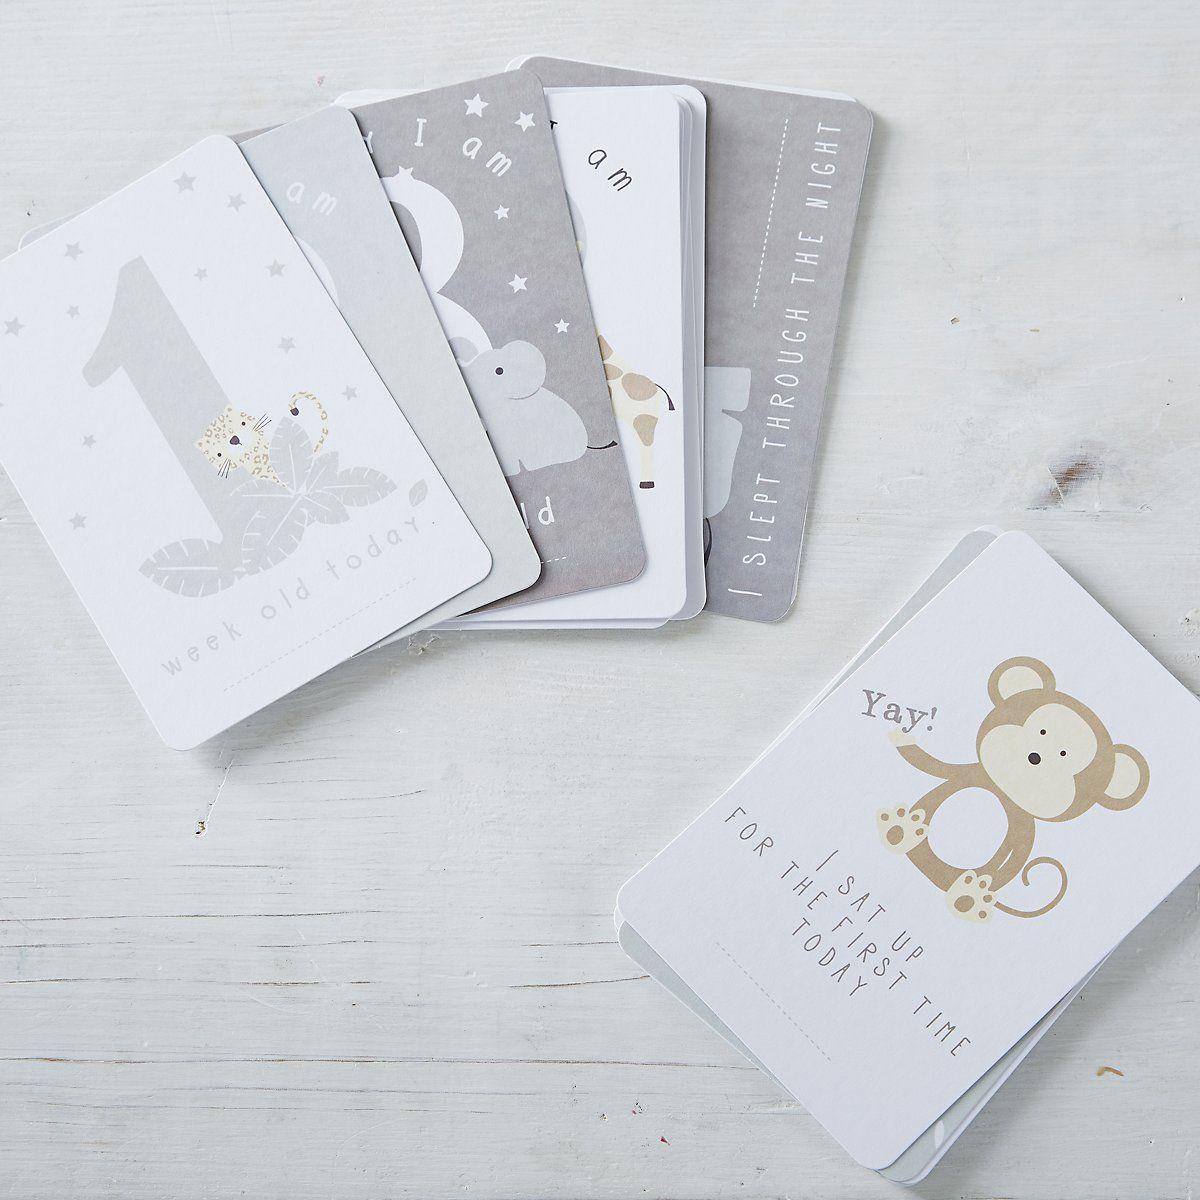 Baby milestone cards the white company uk all about cards baby milestone cards the white company uk kristyandbryce Choice Image